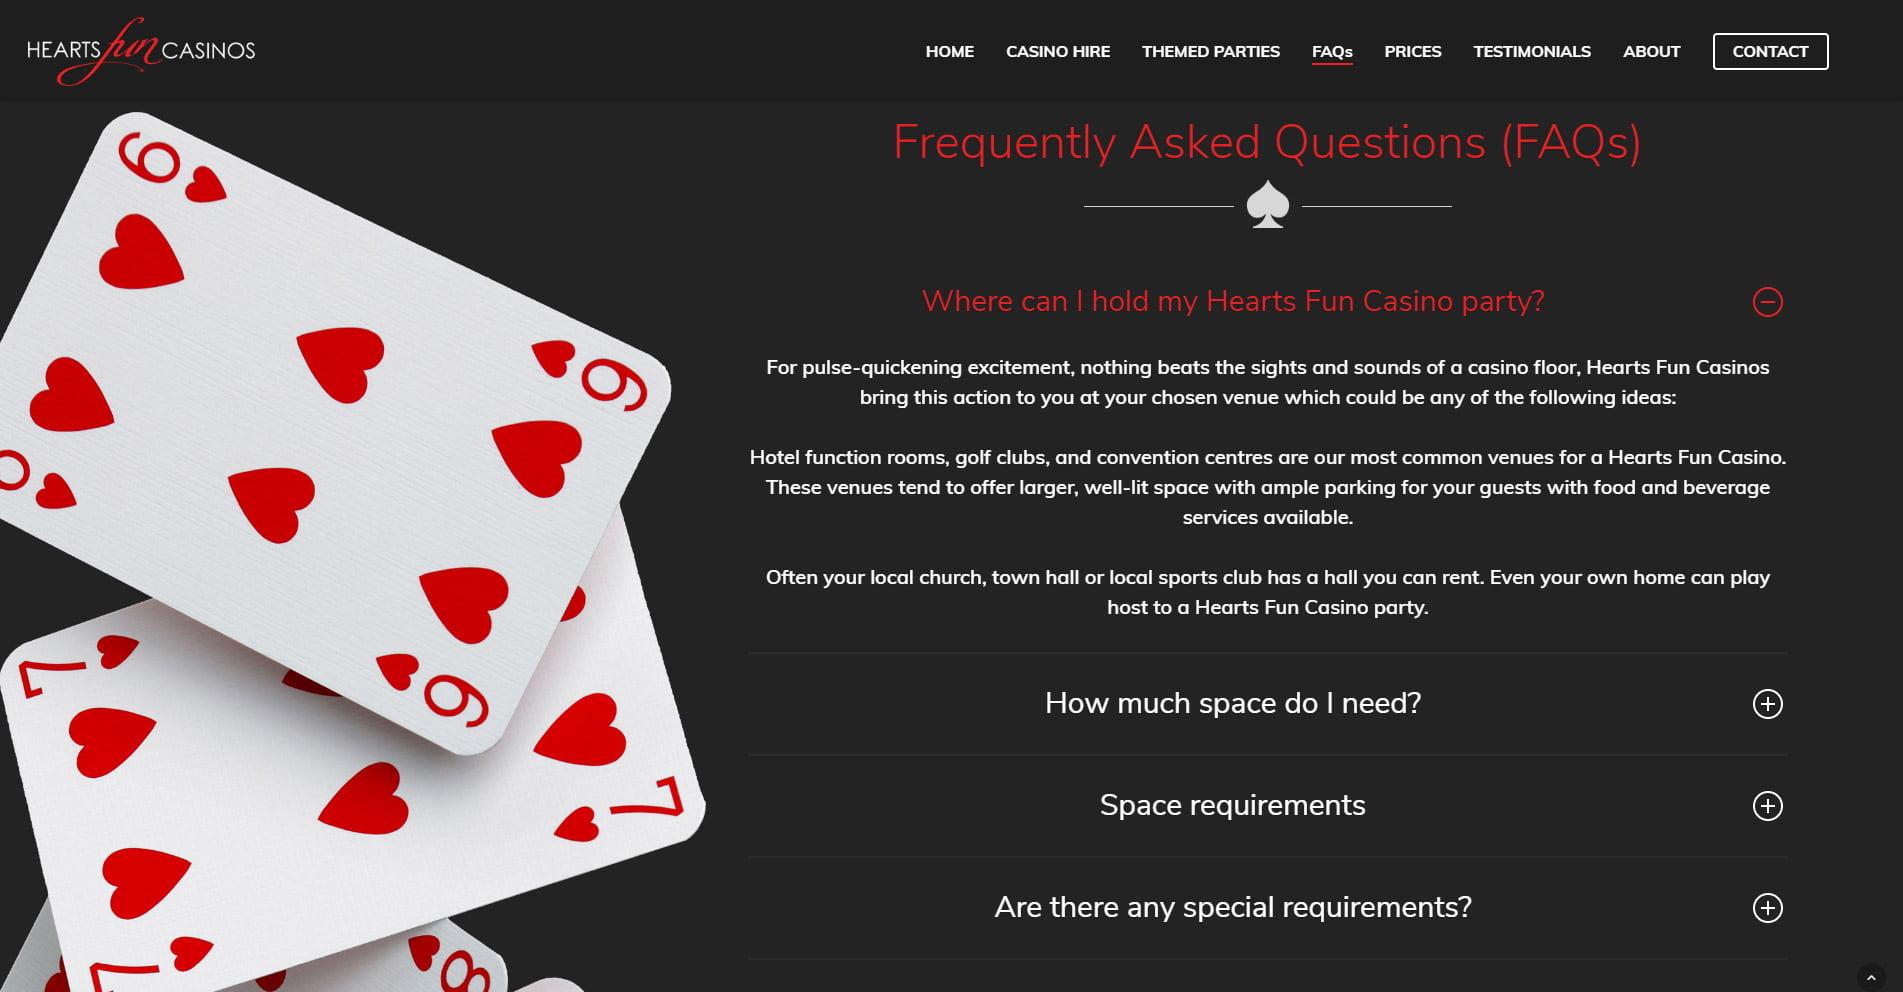 Hearts Fun Casinos